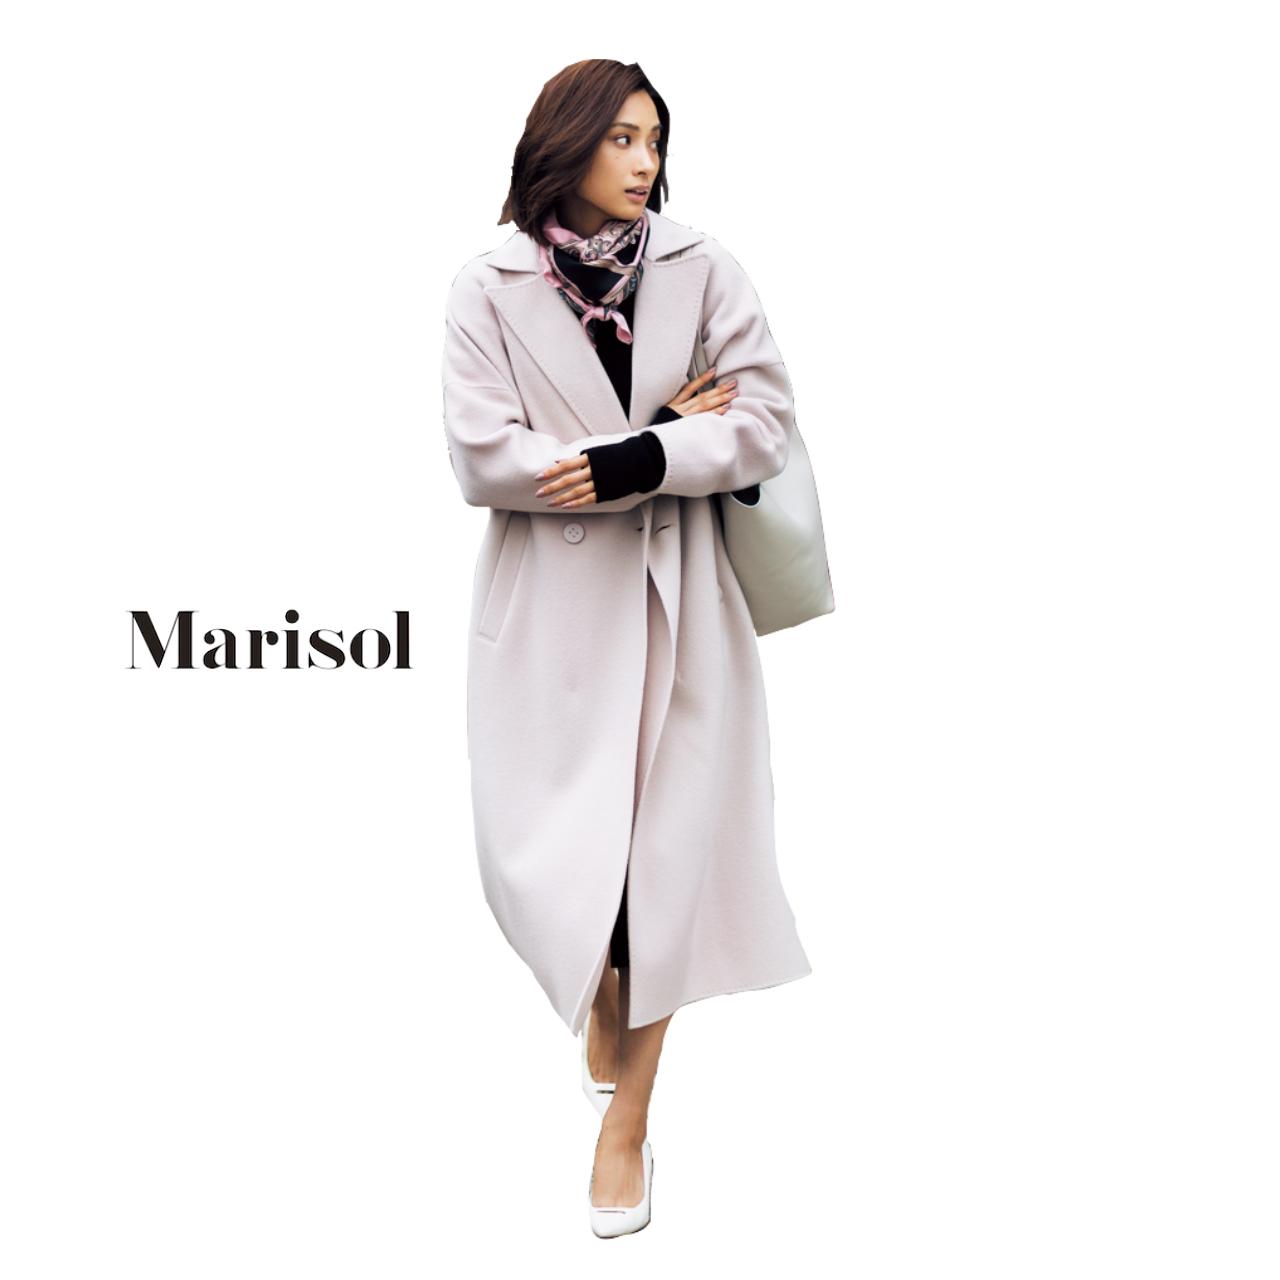 40代ファッション ピンクのゆったりコート×スカーフコーデ